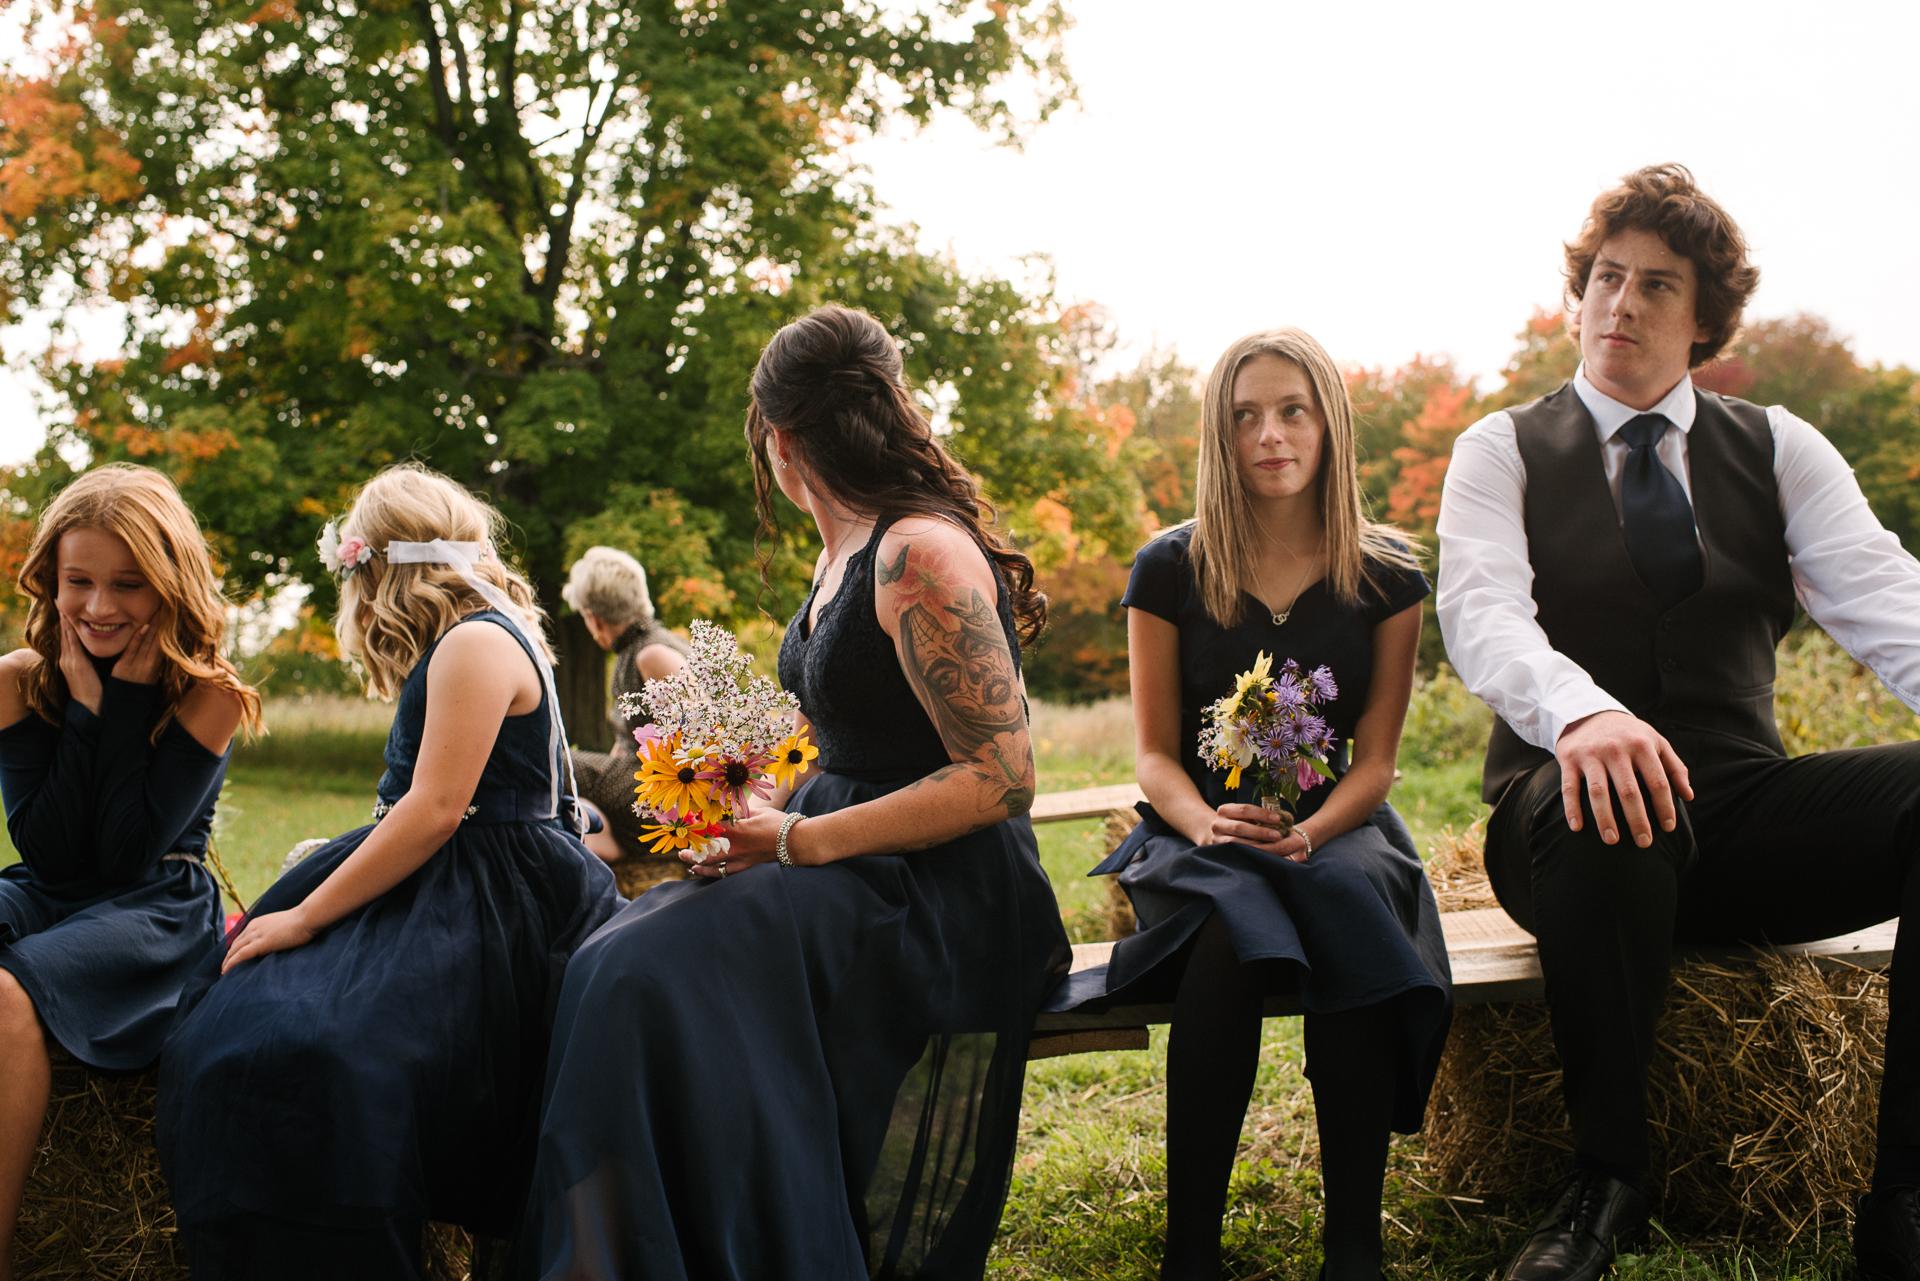 Tamworth, Ontario, Kanada Hochzeitsbild | Die Gäste warten gespannt